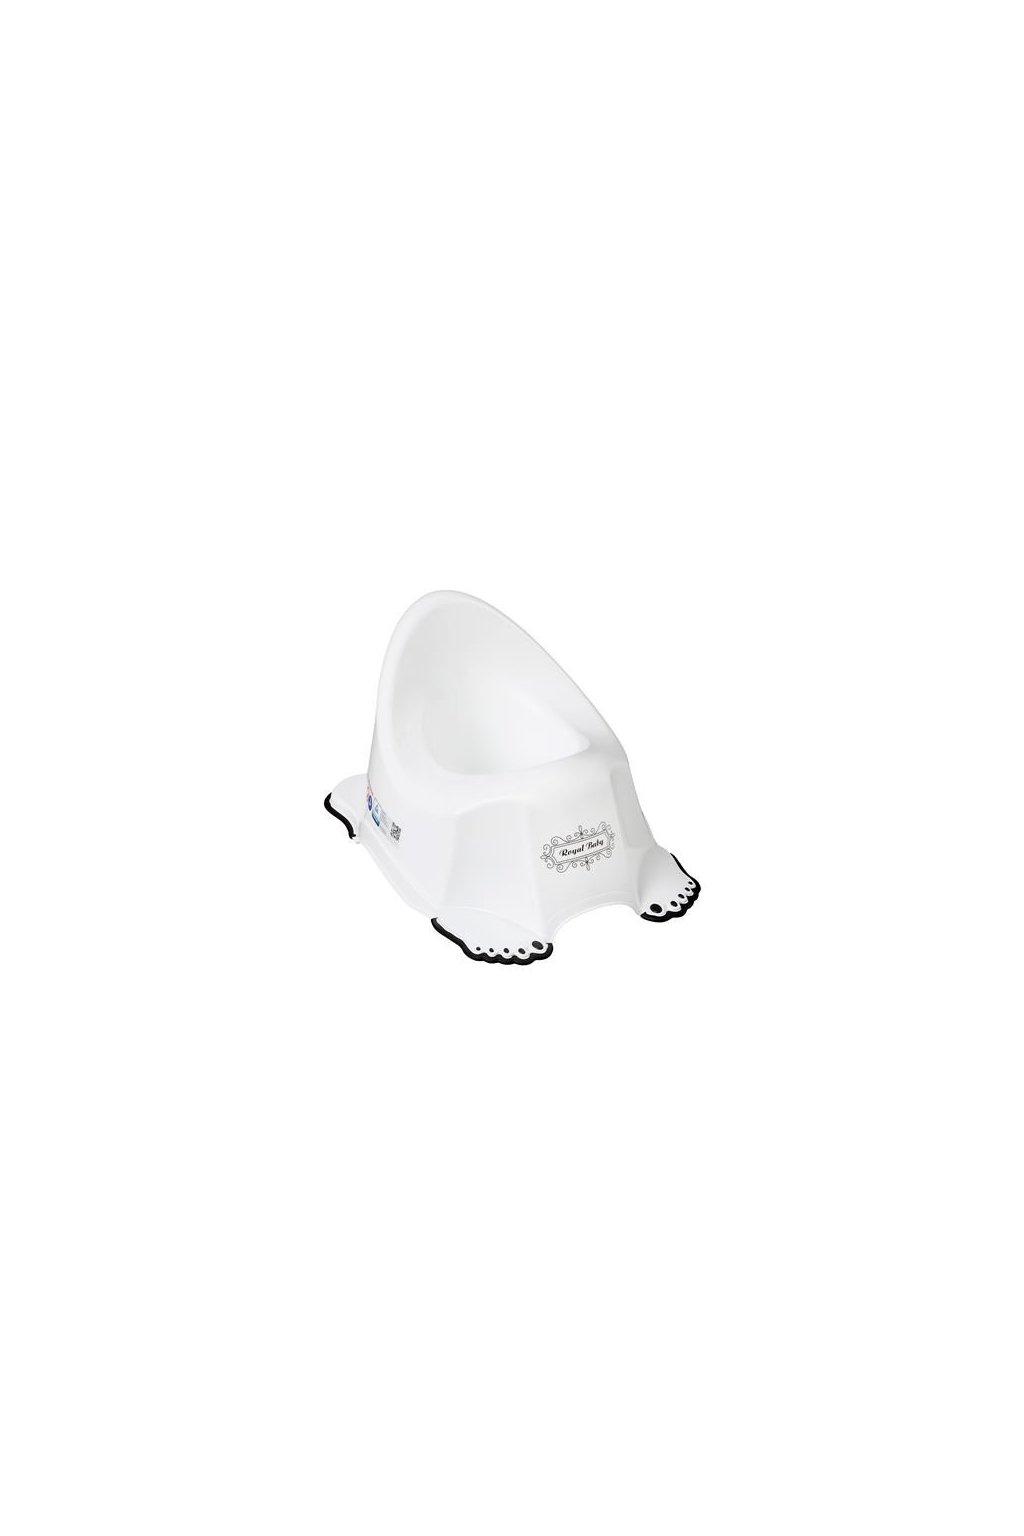 Hrajúci detský nočník protišmykový Royal bielo-čierny